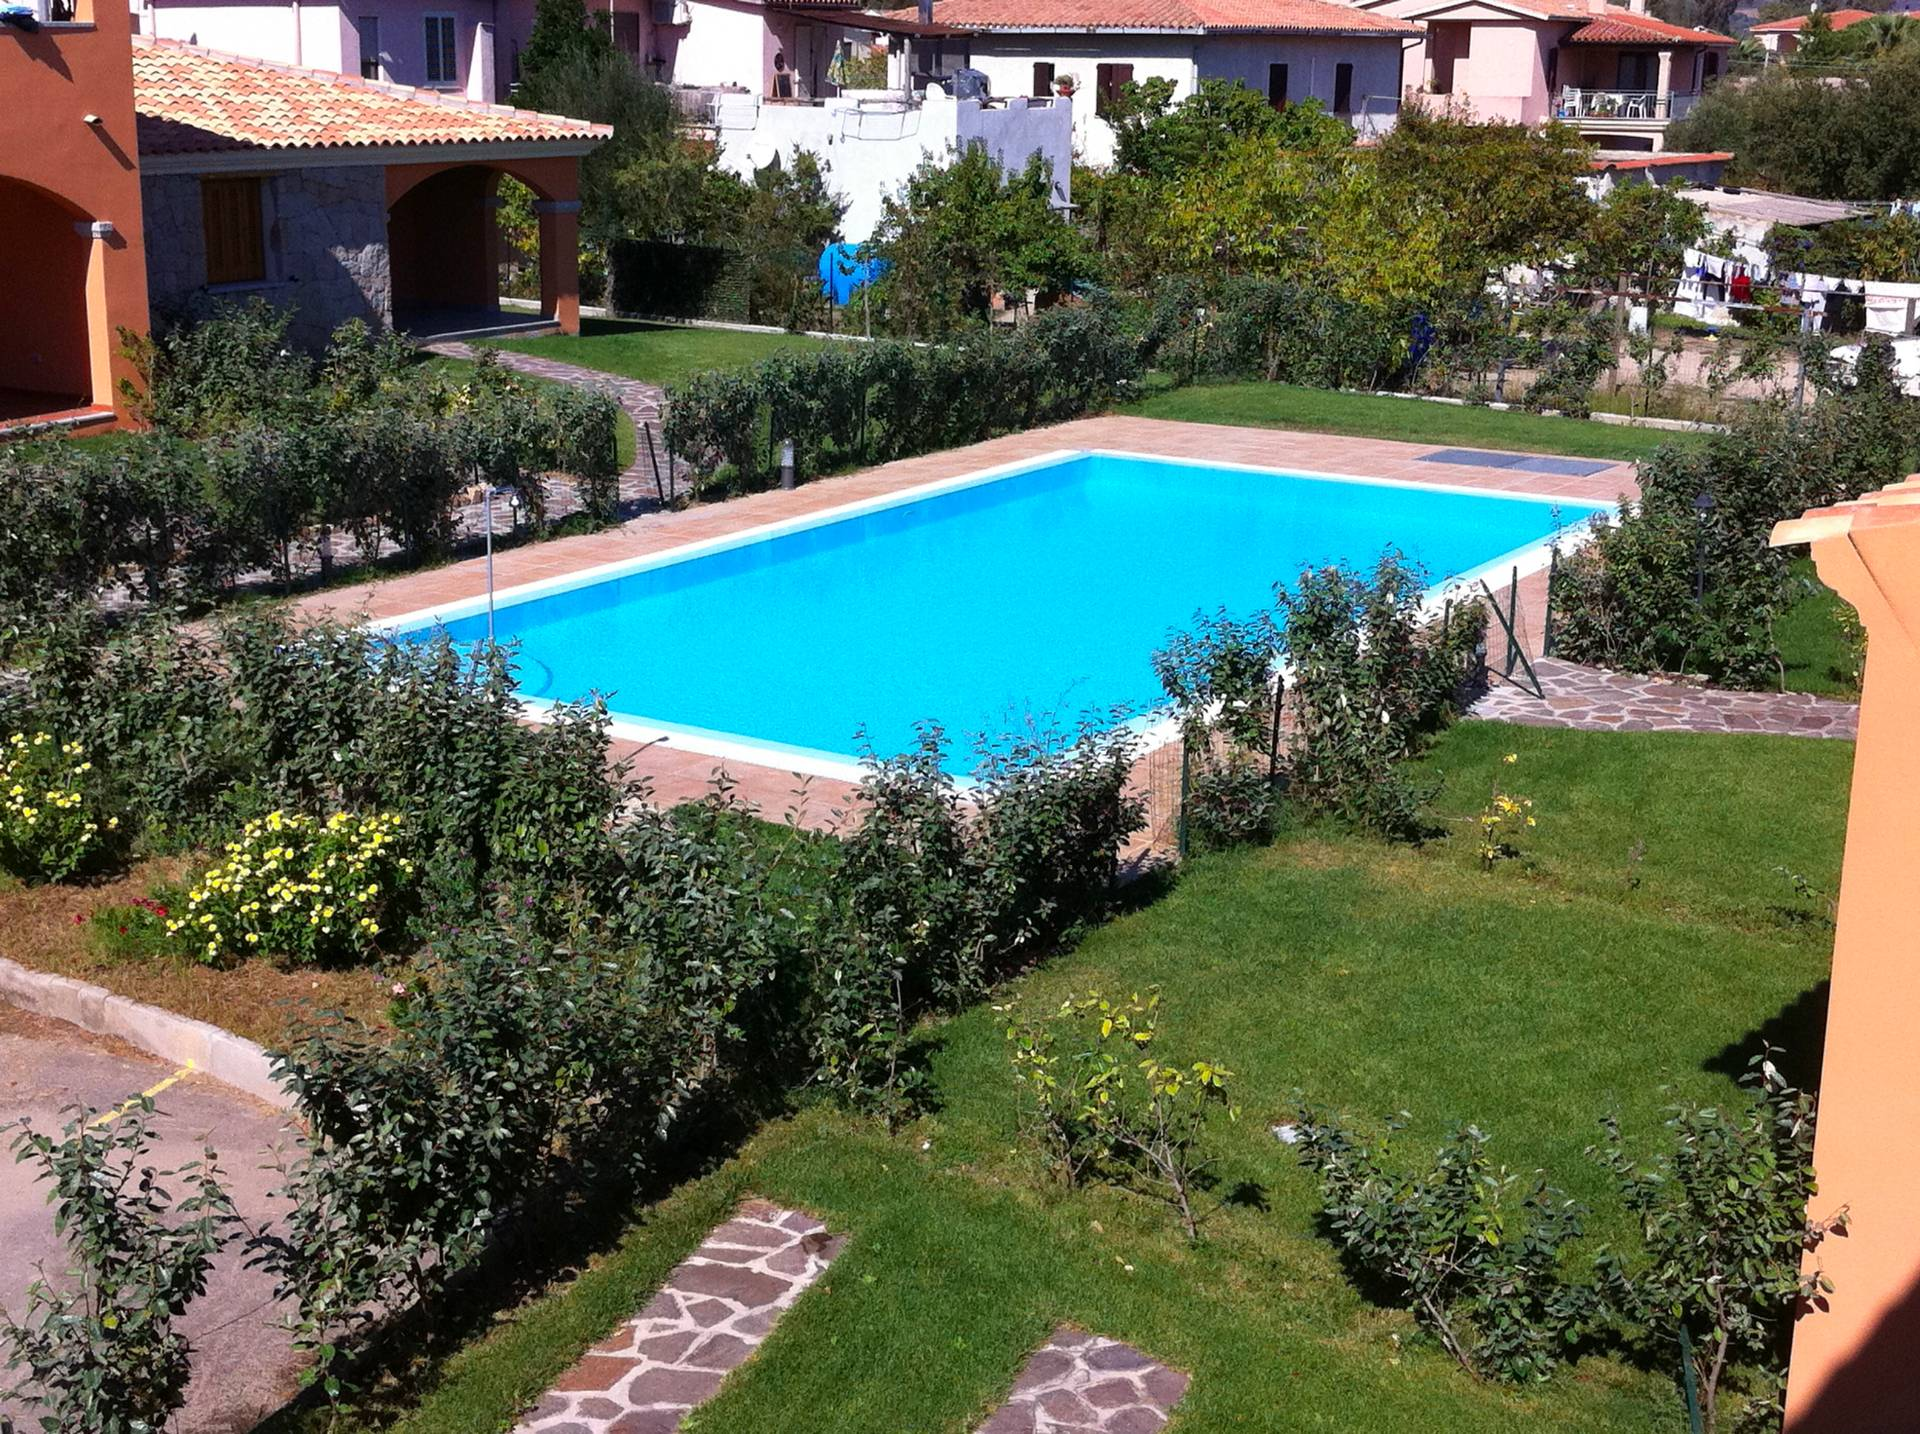 Immobile Turistico in affitto a San Teodoro, 3 locali, prezzo € 364 | CambioCasa.it